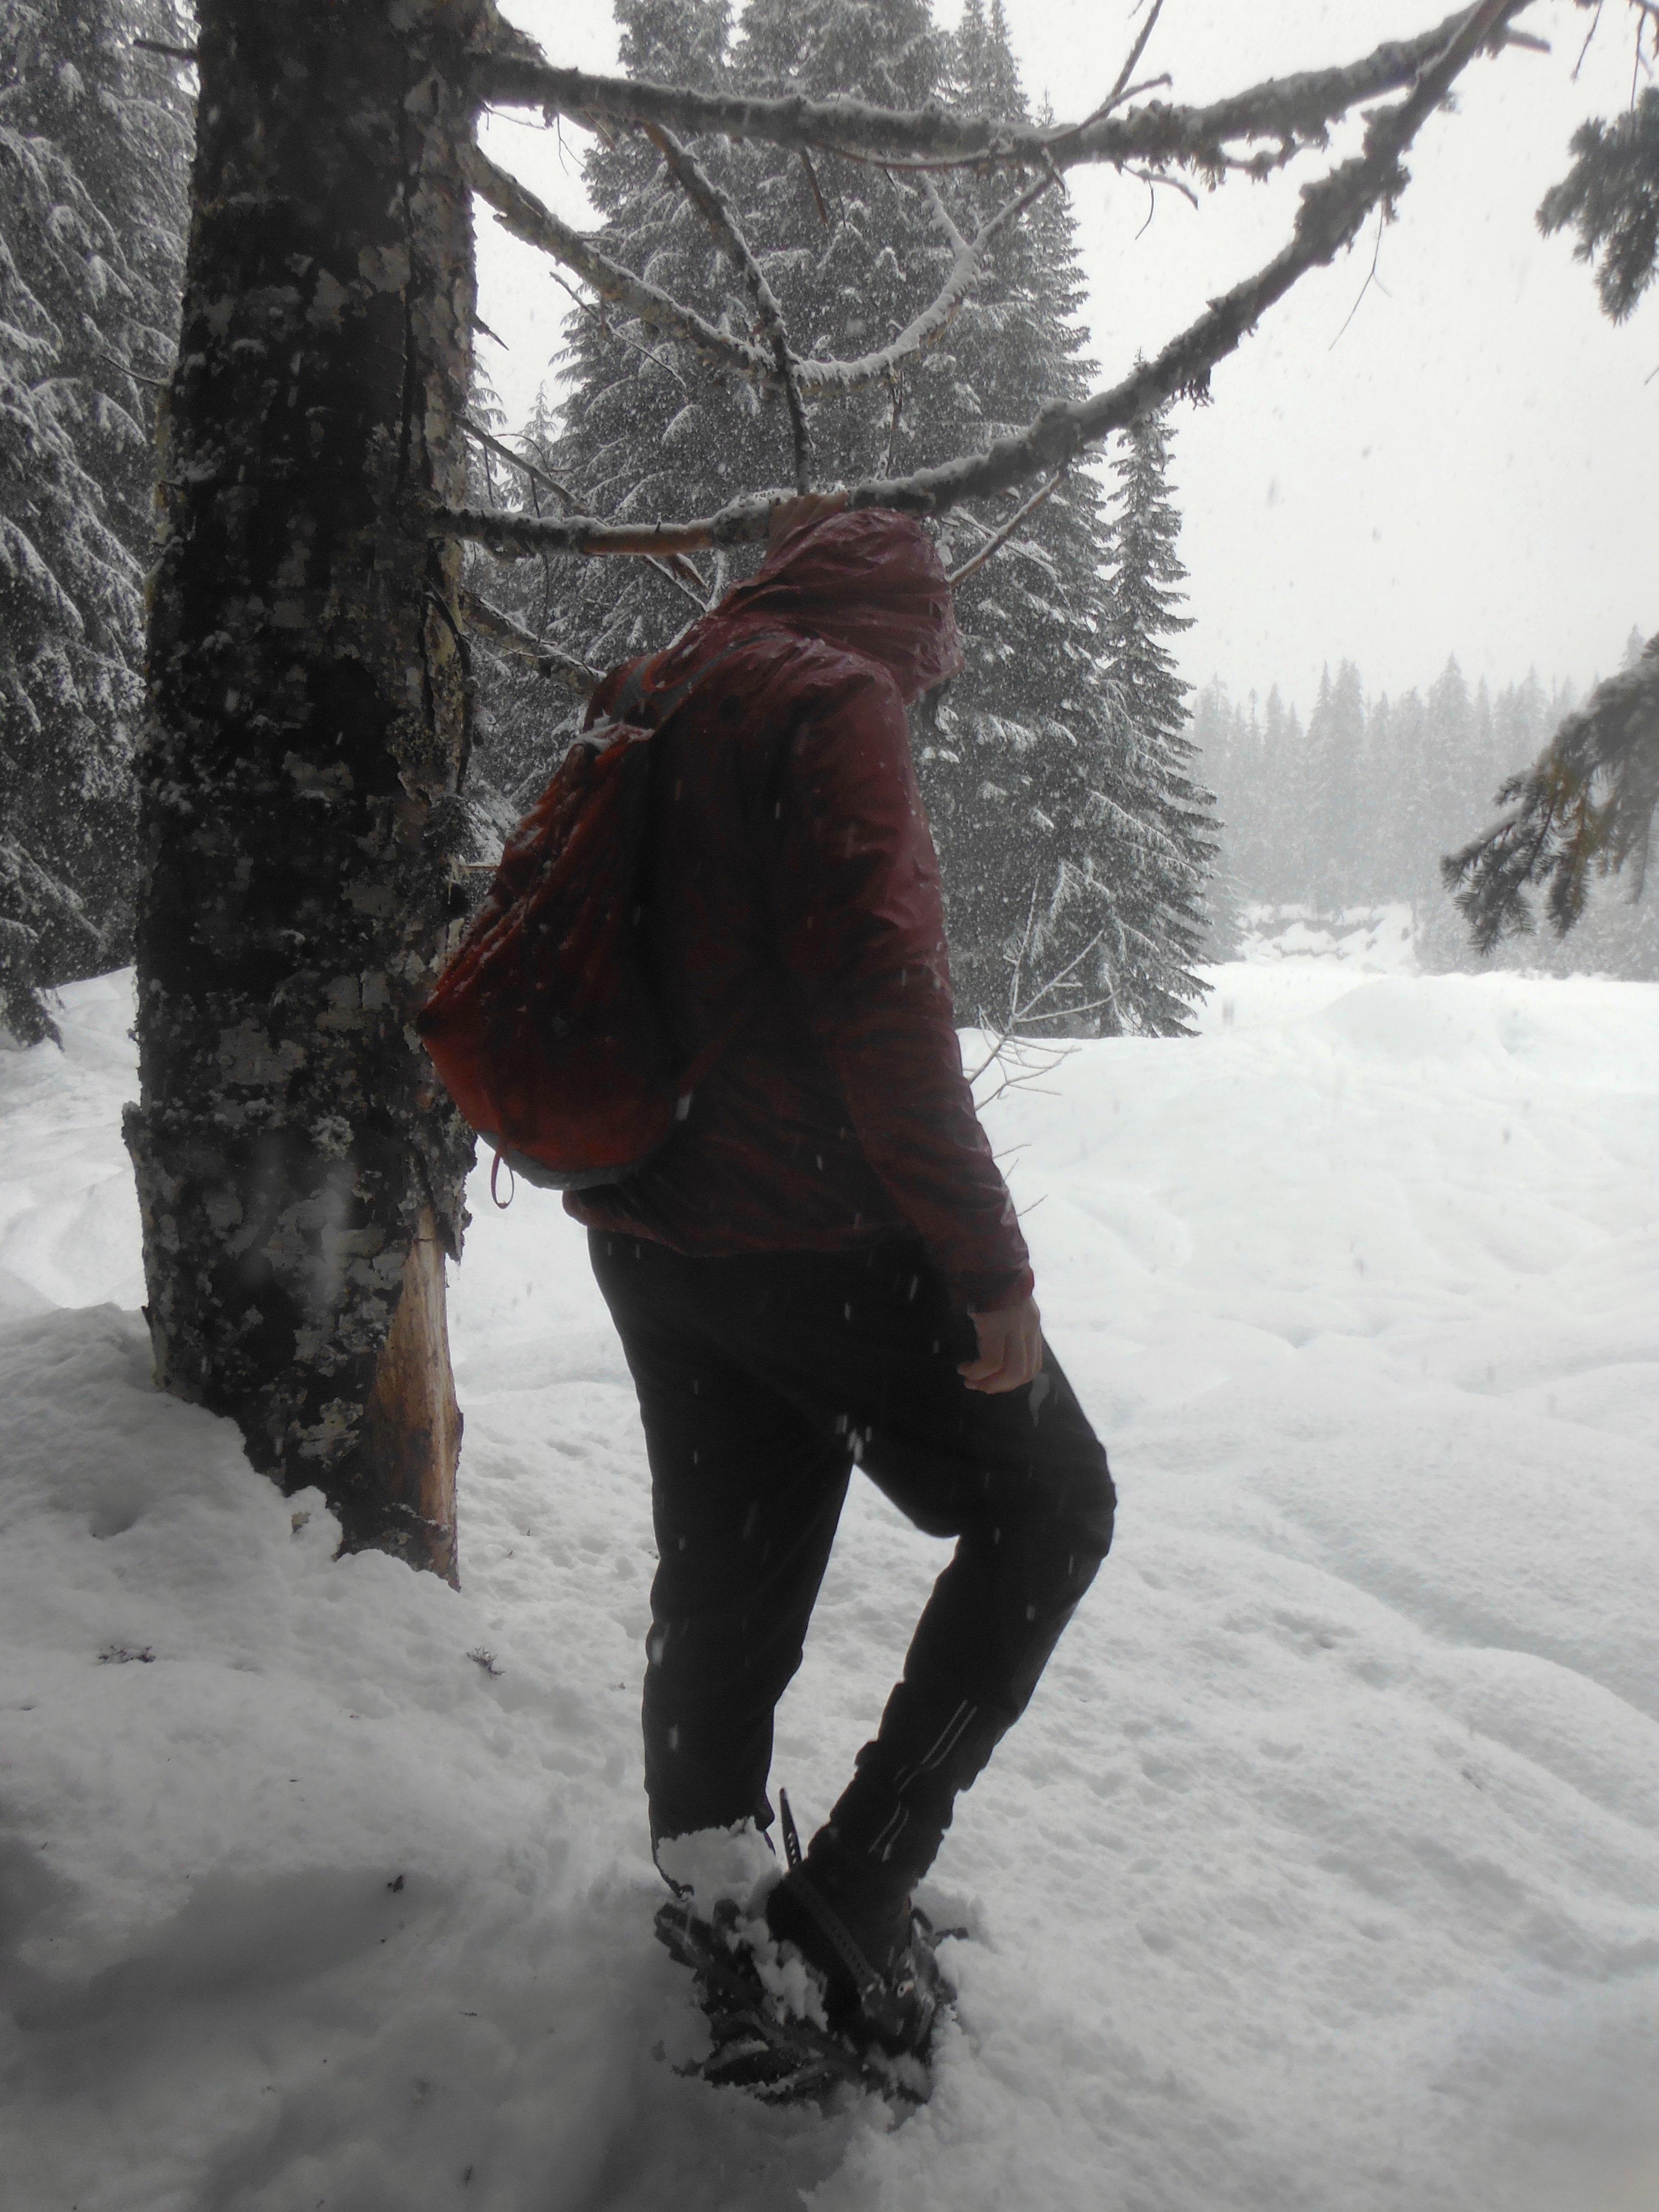 Student in winter wonderland